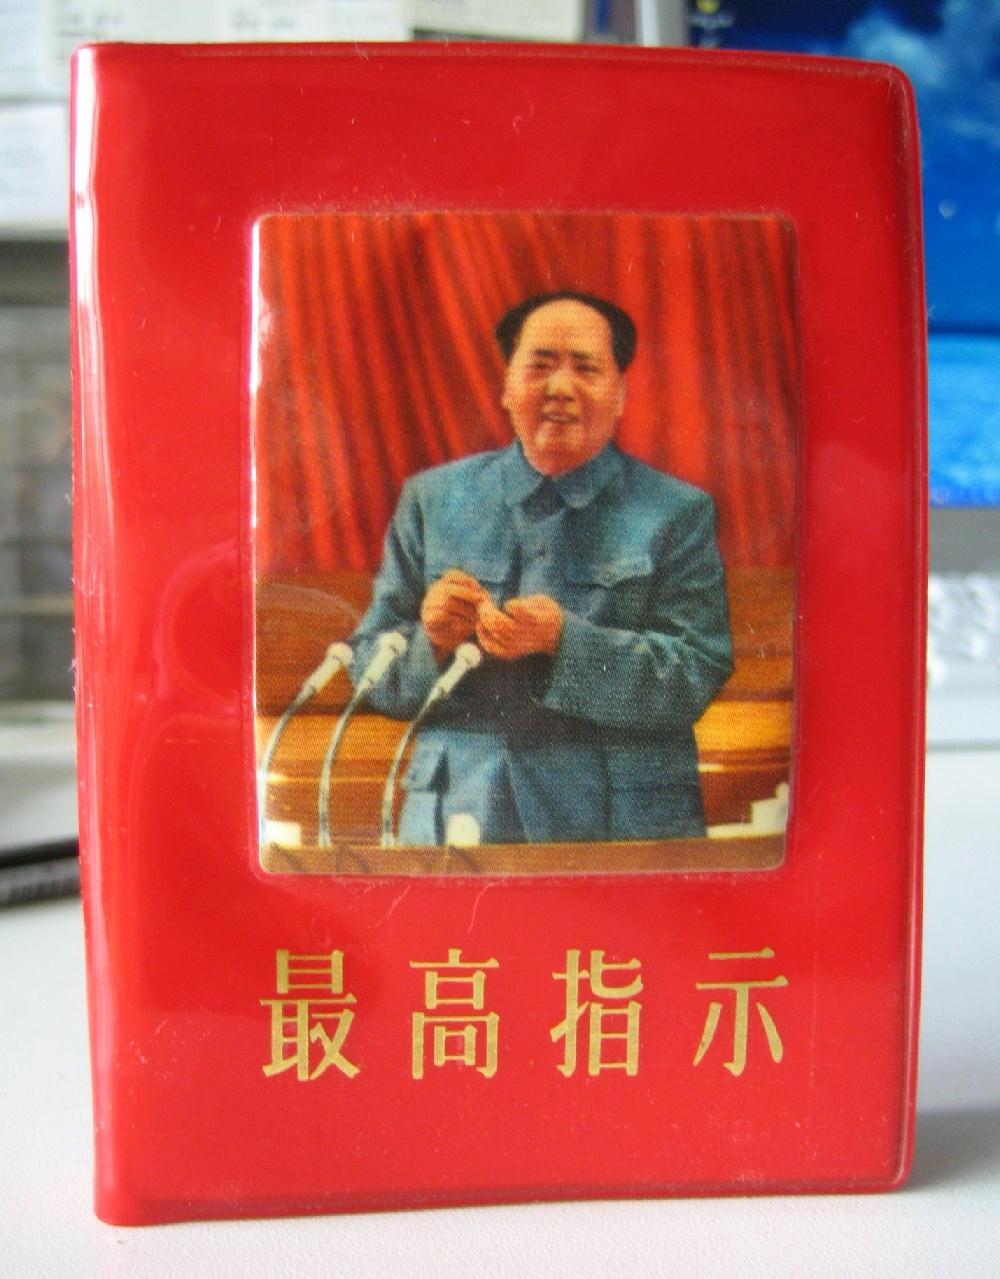 毛沢東死去30周年を記念して、紅宝書の写真を撮りました_d0027795_13304810.jpg